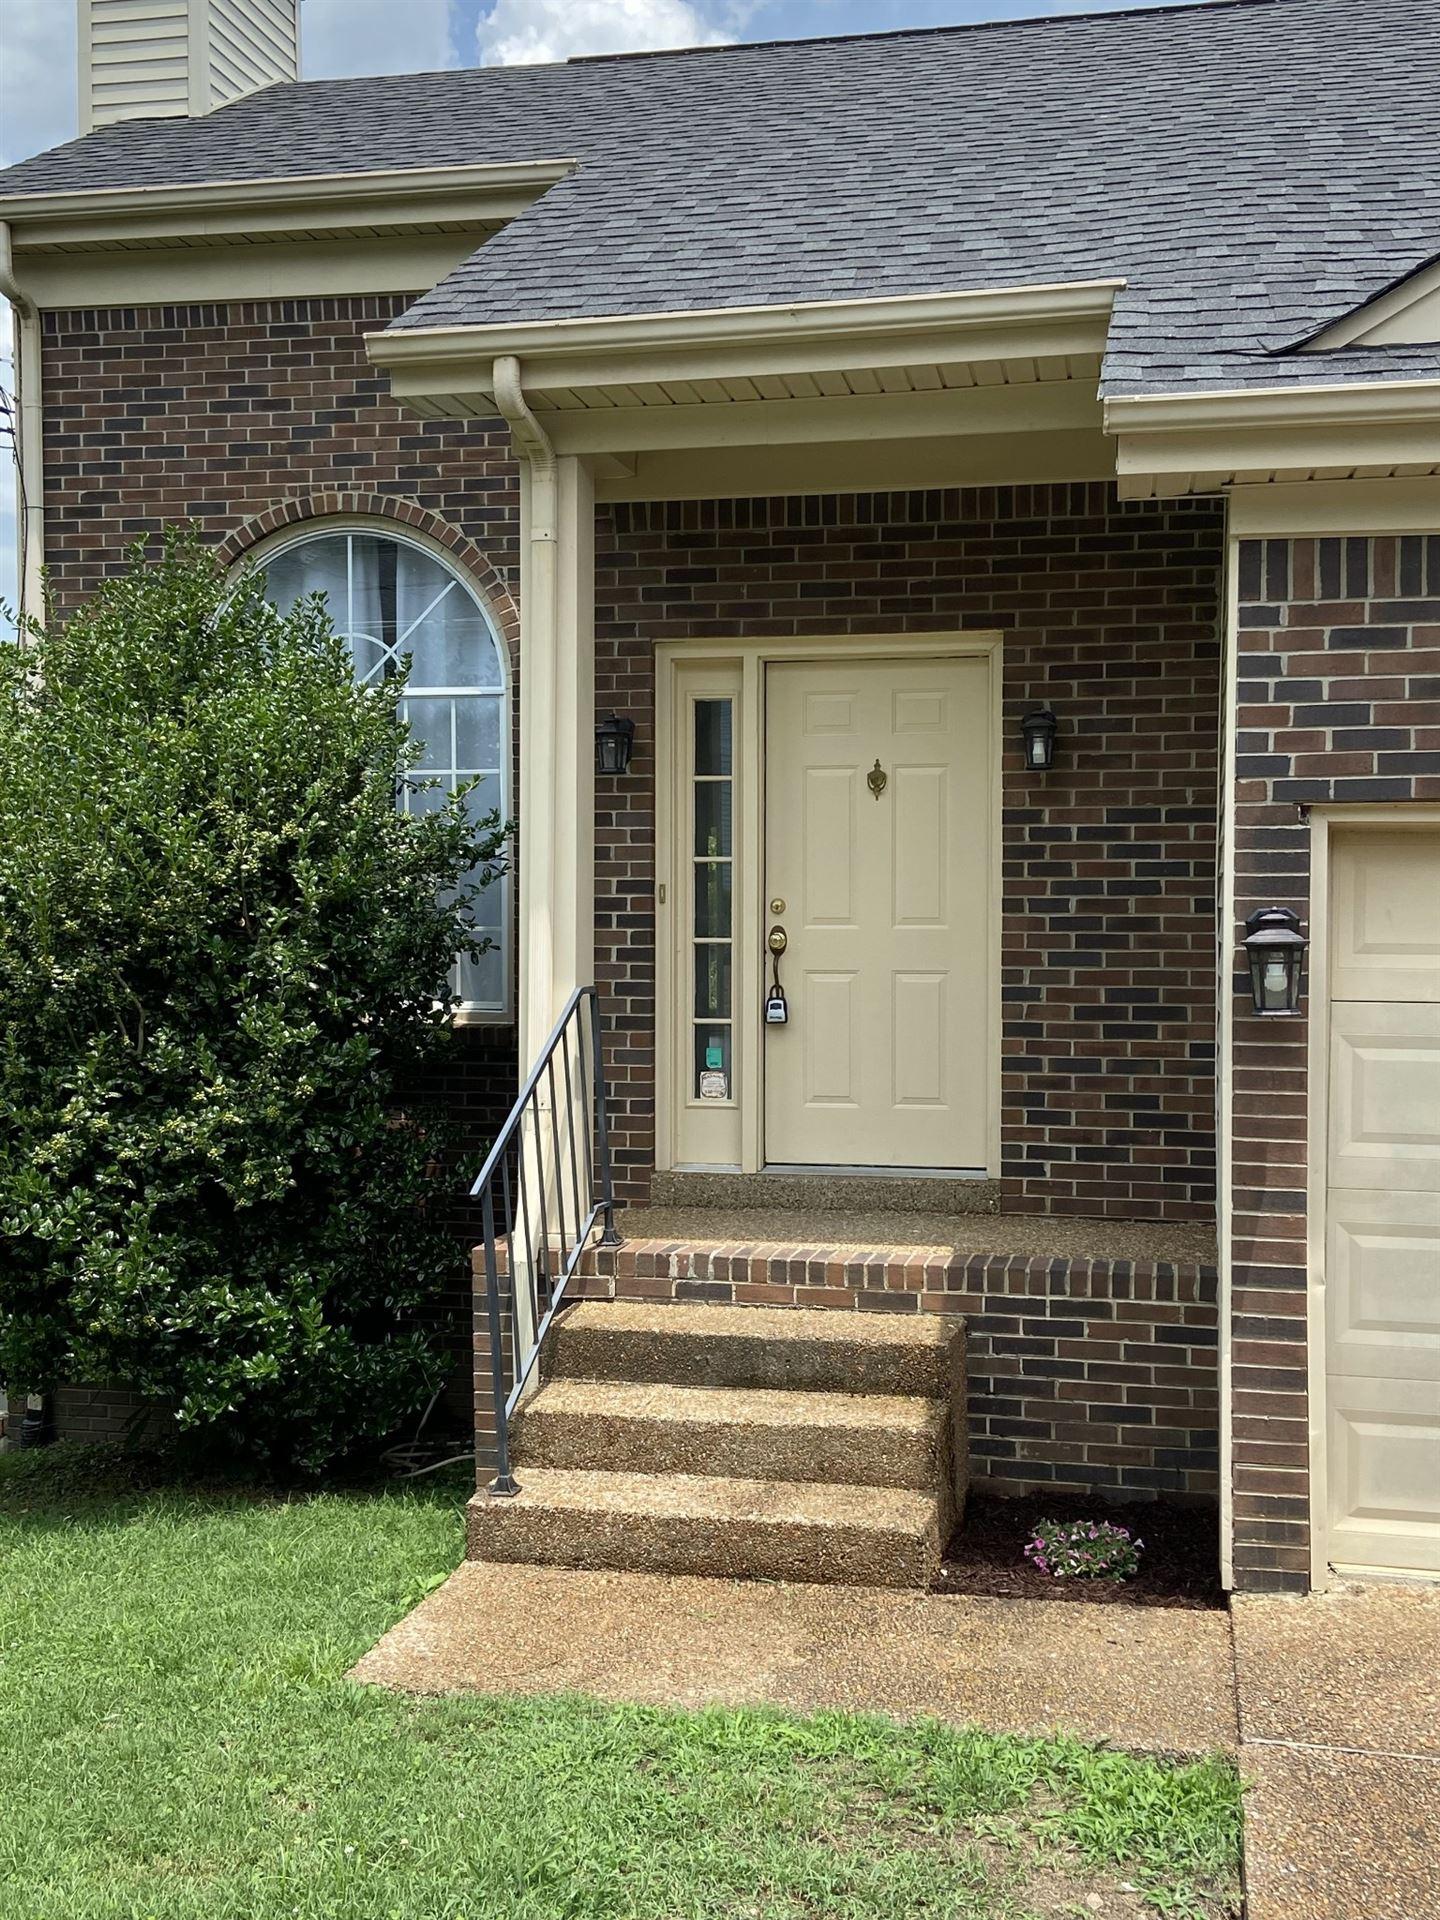 Photo of 5264 Village Way, Nashville, TN 37211 (MLS # 2276364)